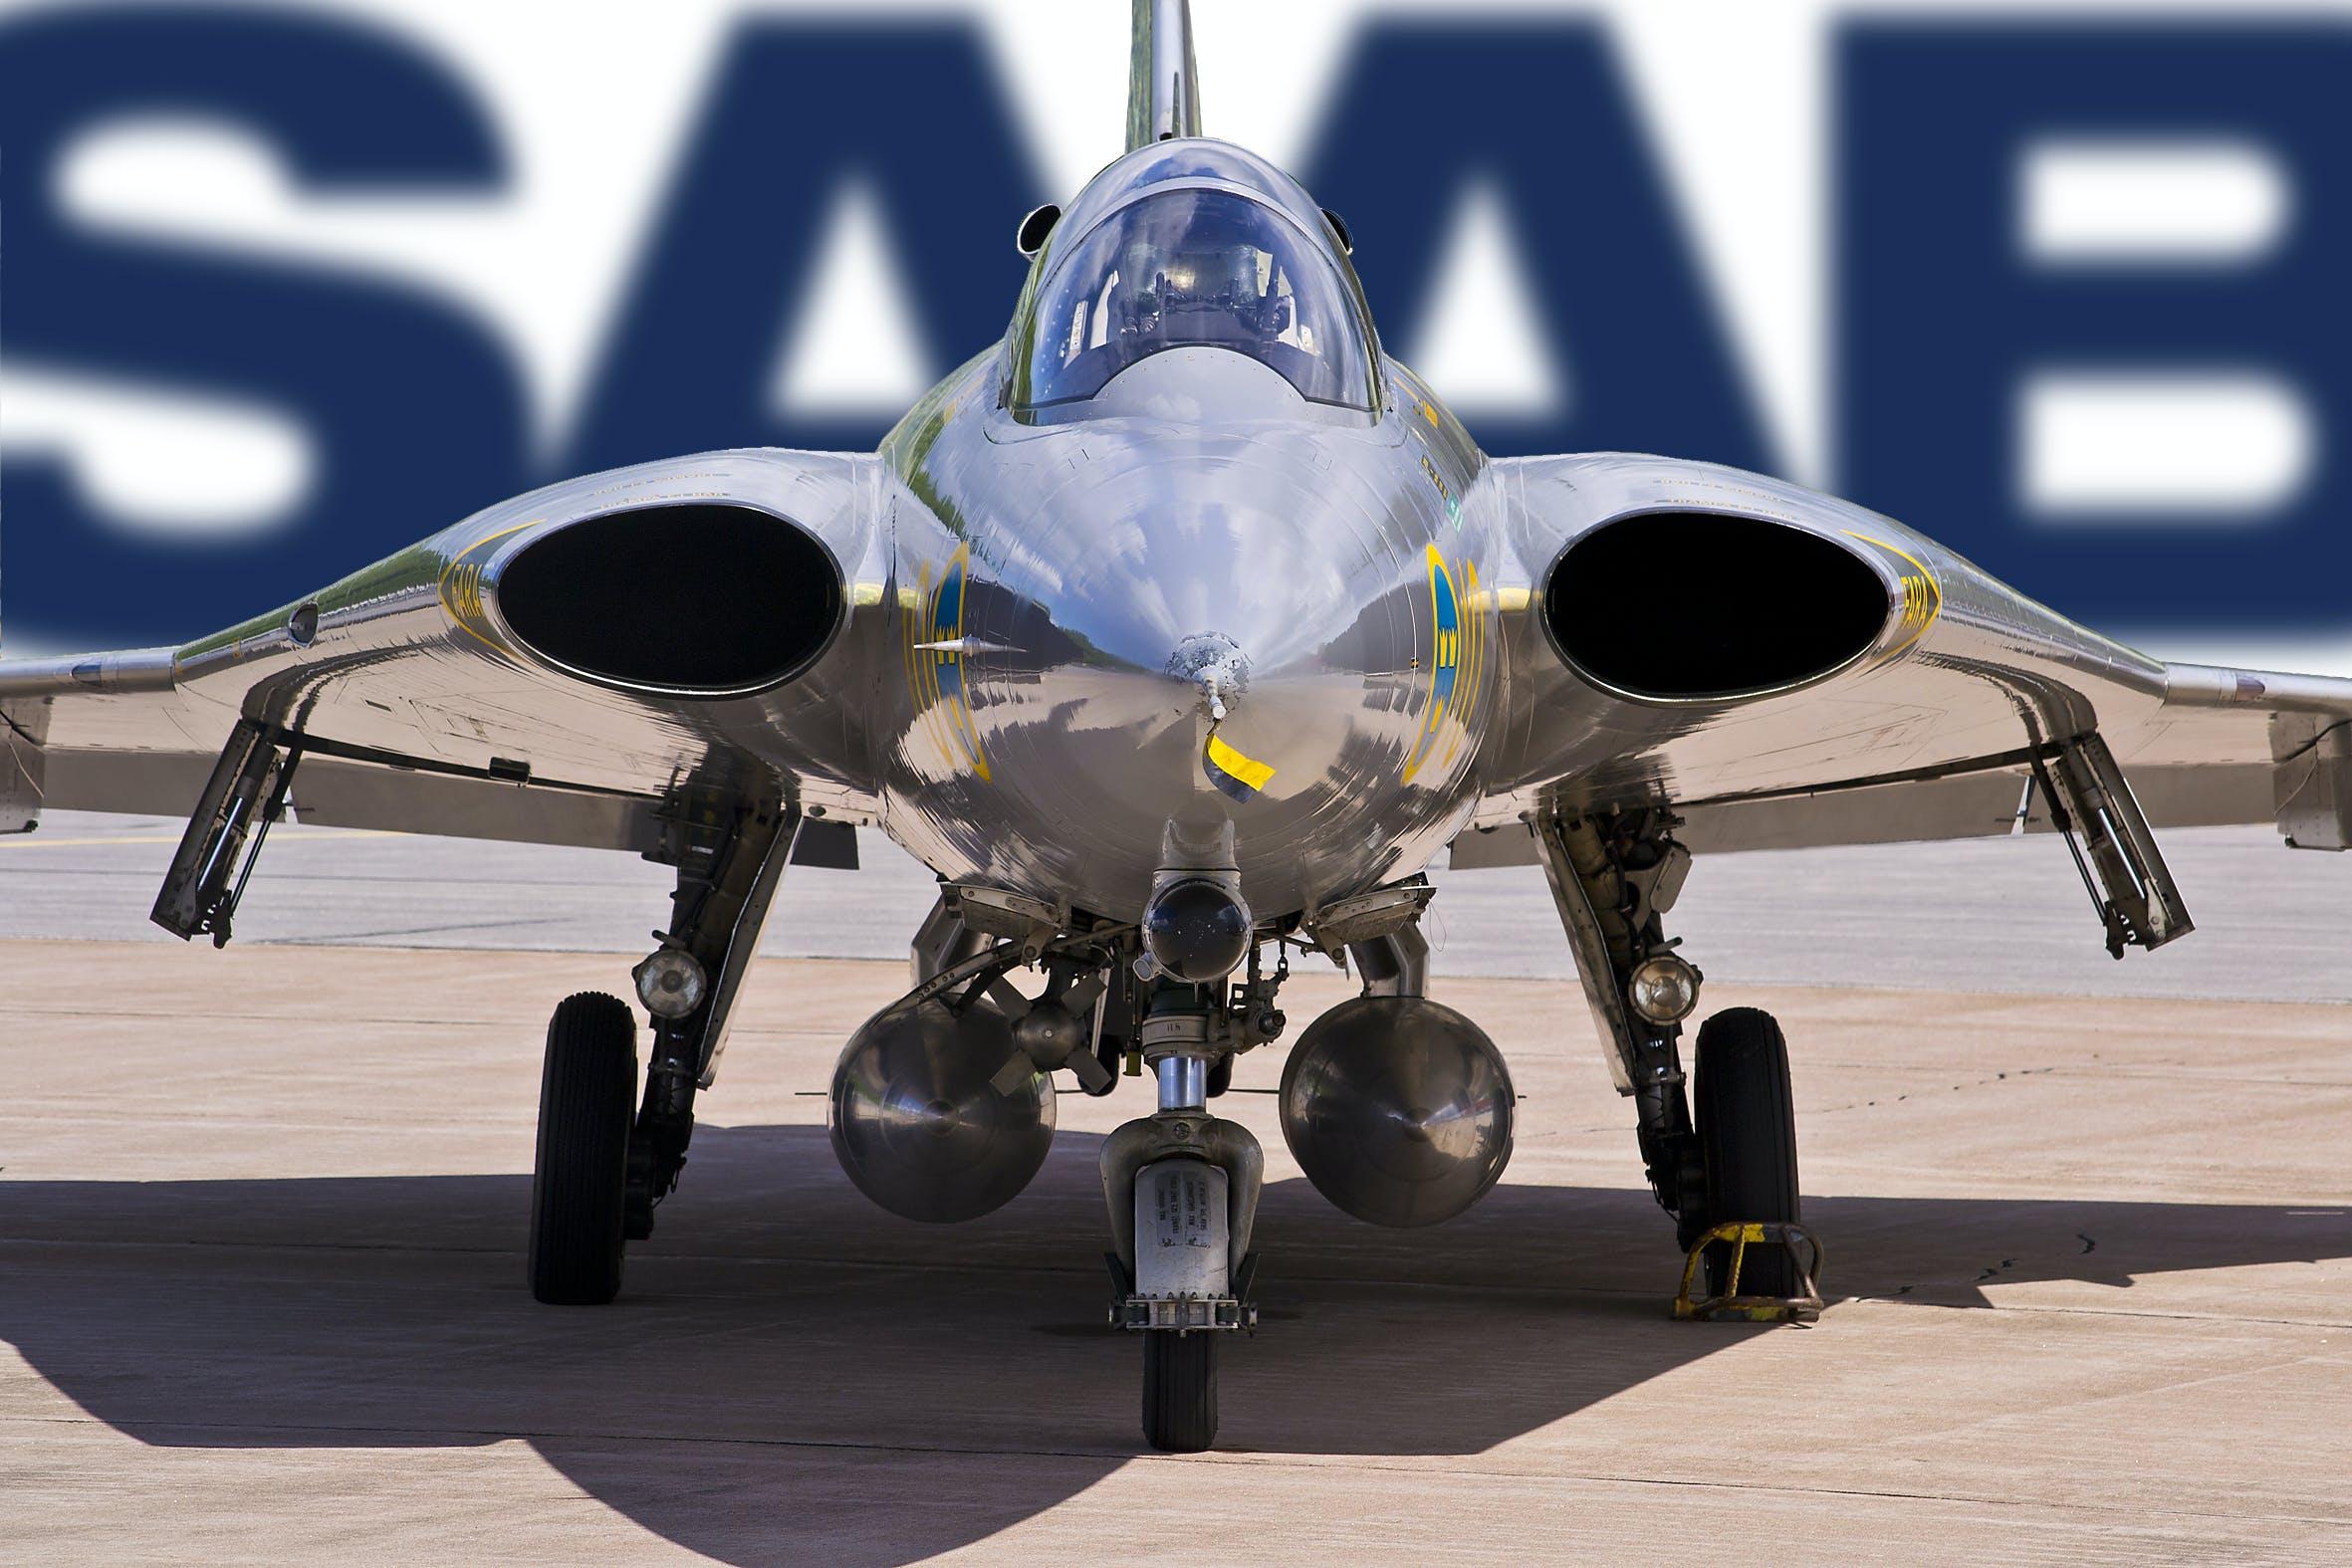 aeroplane, air force, aircraft